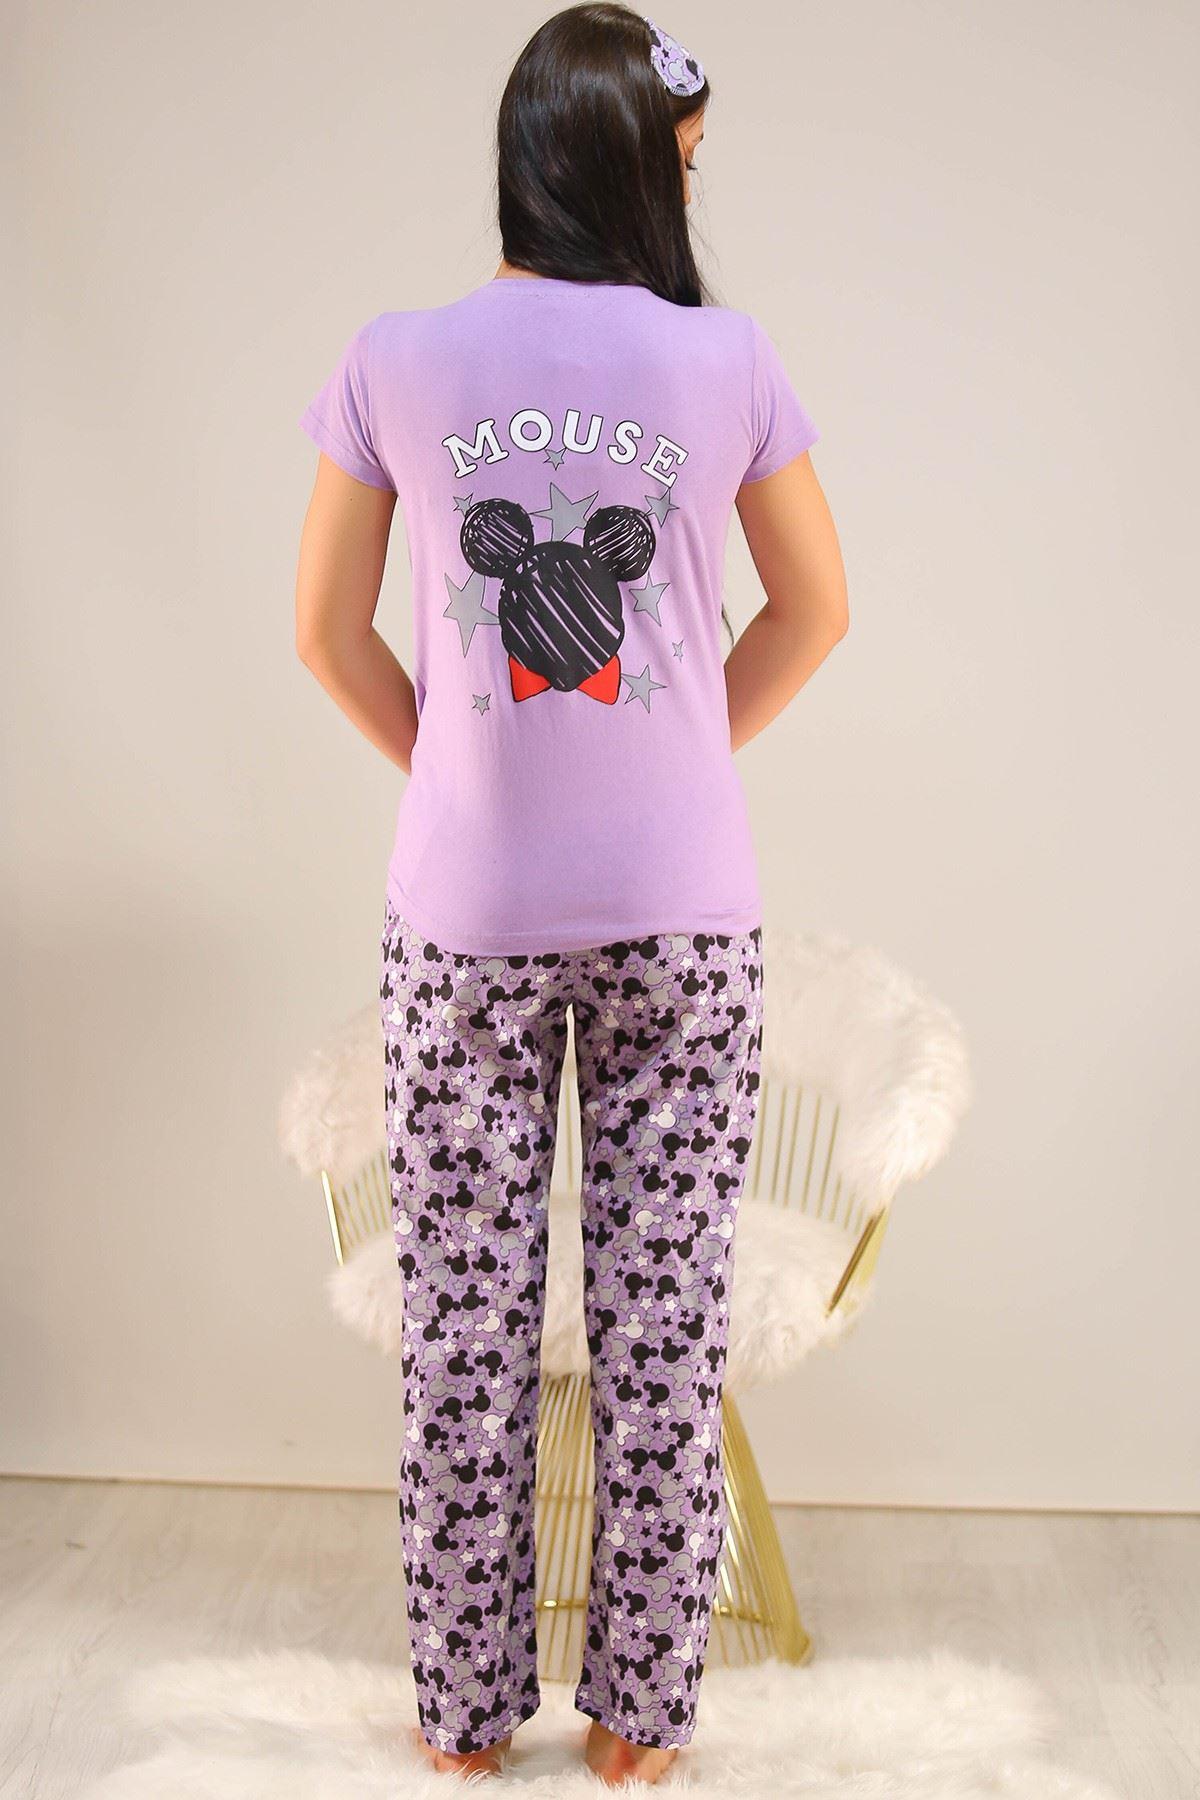 Baskılı Pijama Takımı Lila - 21639.1059.